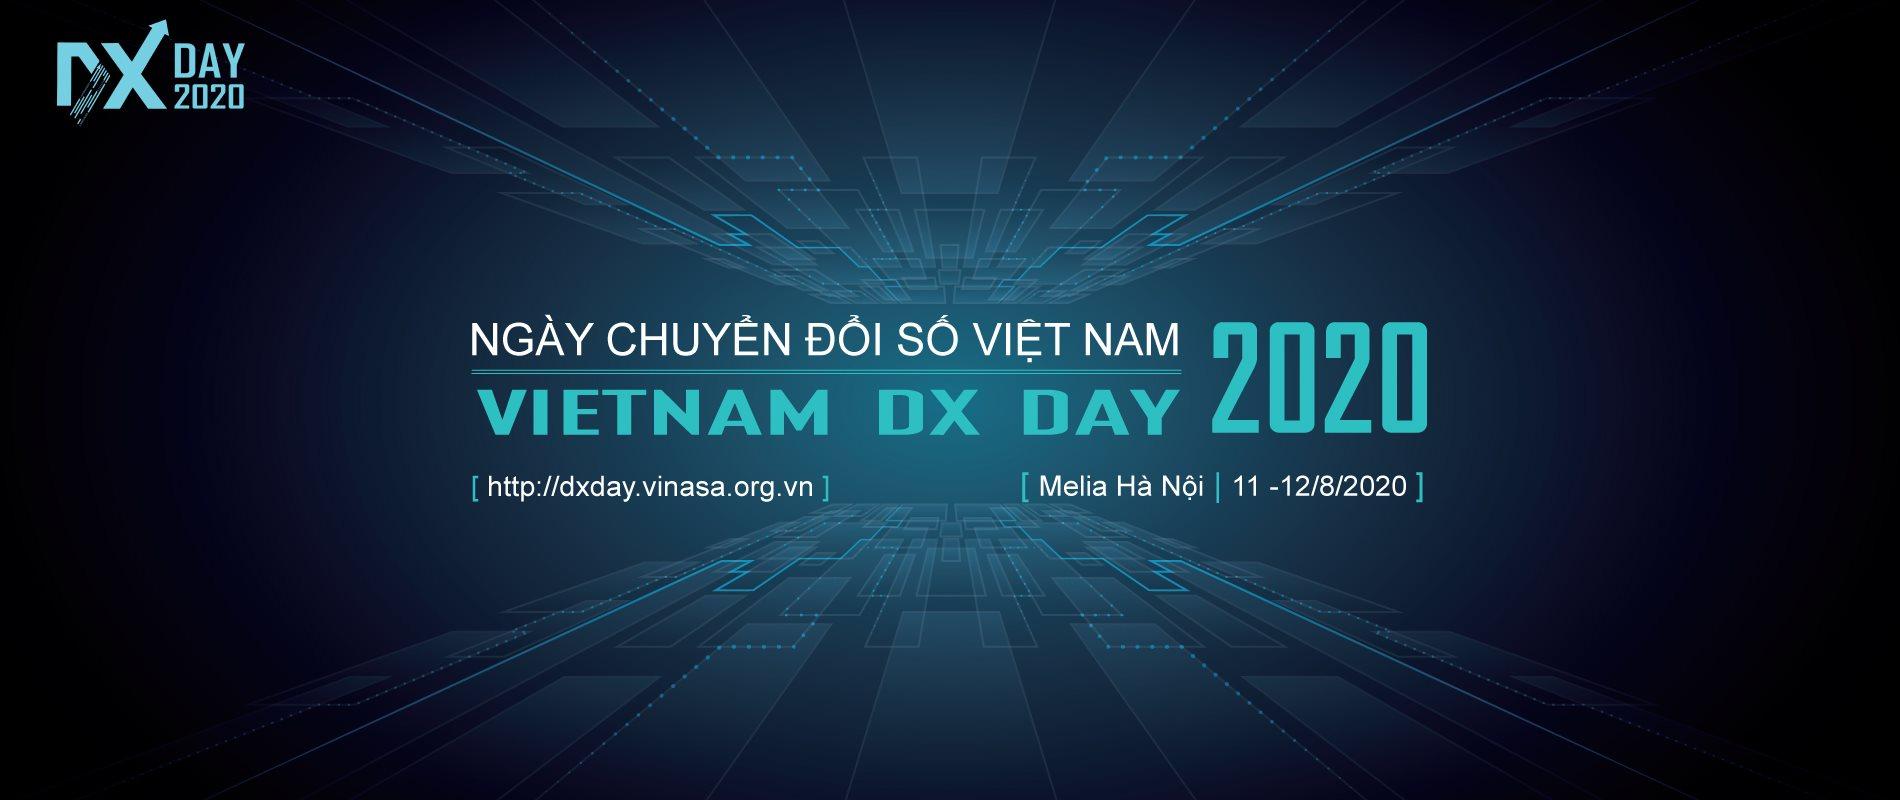 Ngày Chuyển đổi số Việt Nam - Vietnam DX Day 2020